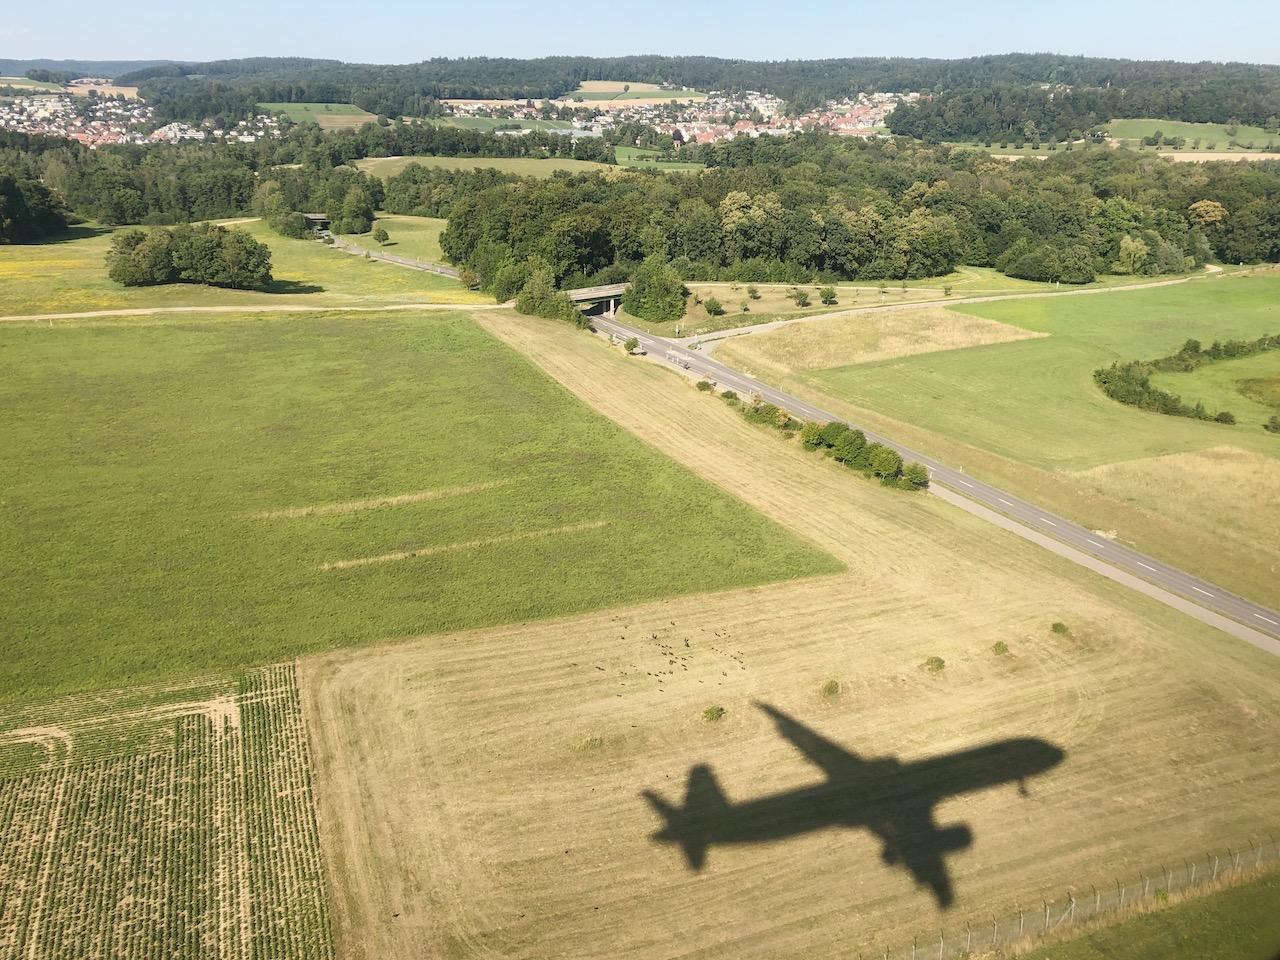 Landeanflug Flugzeug Reisen nach Lockdown Annaway